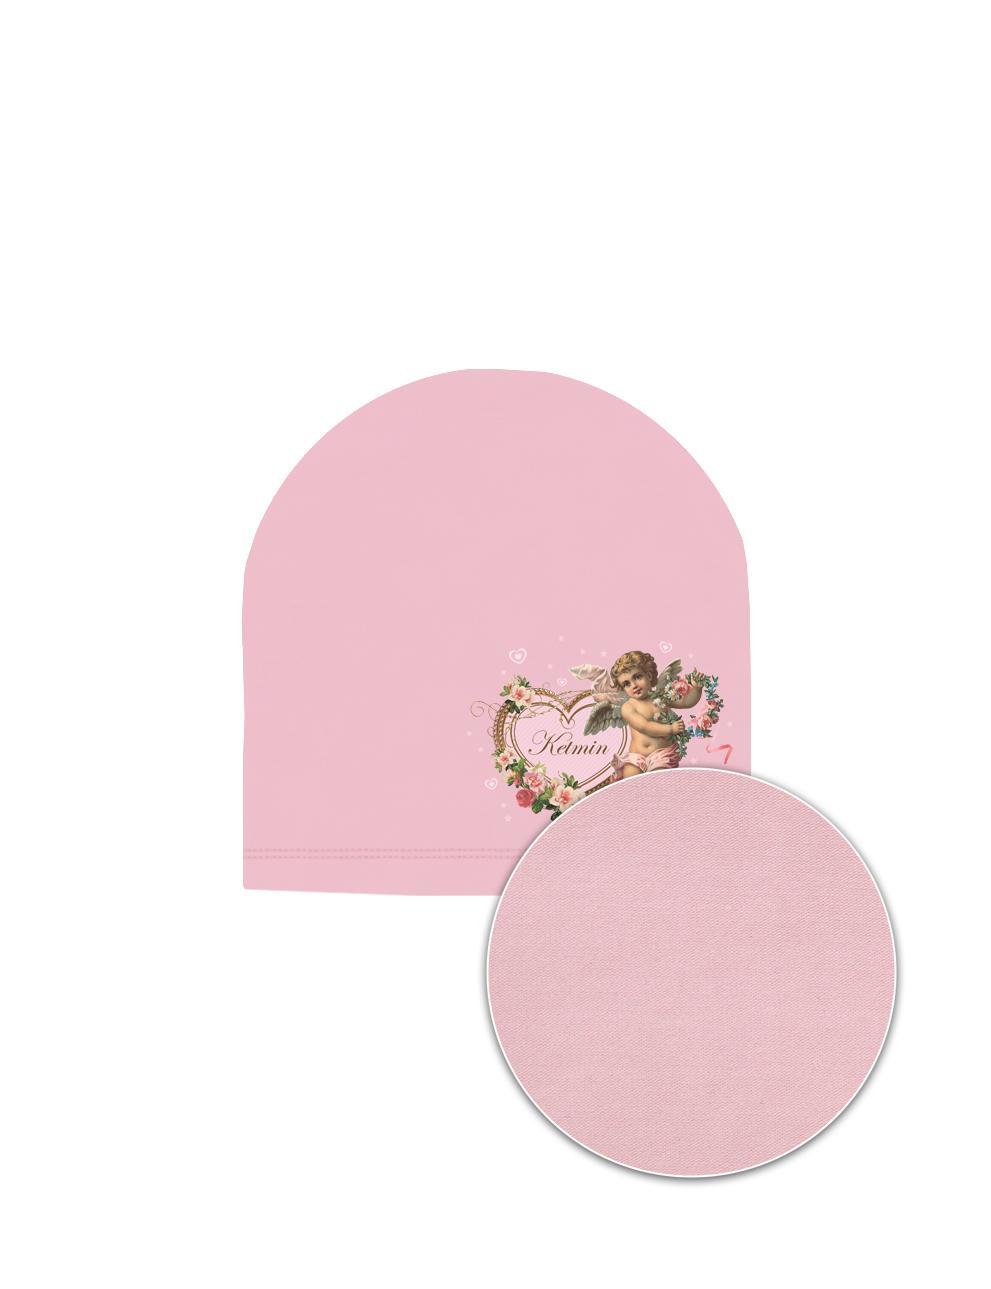 Шапка детская трикотажная KETMIN тк.Кулирка цв.Розовый с принтом Ангел